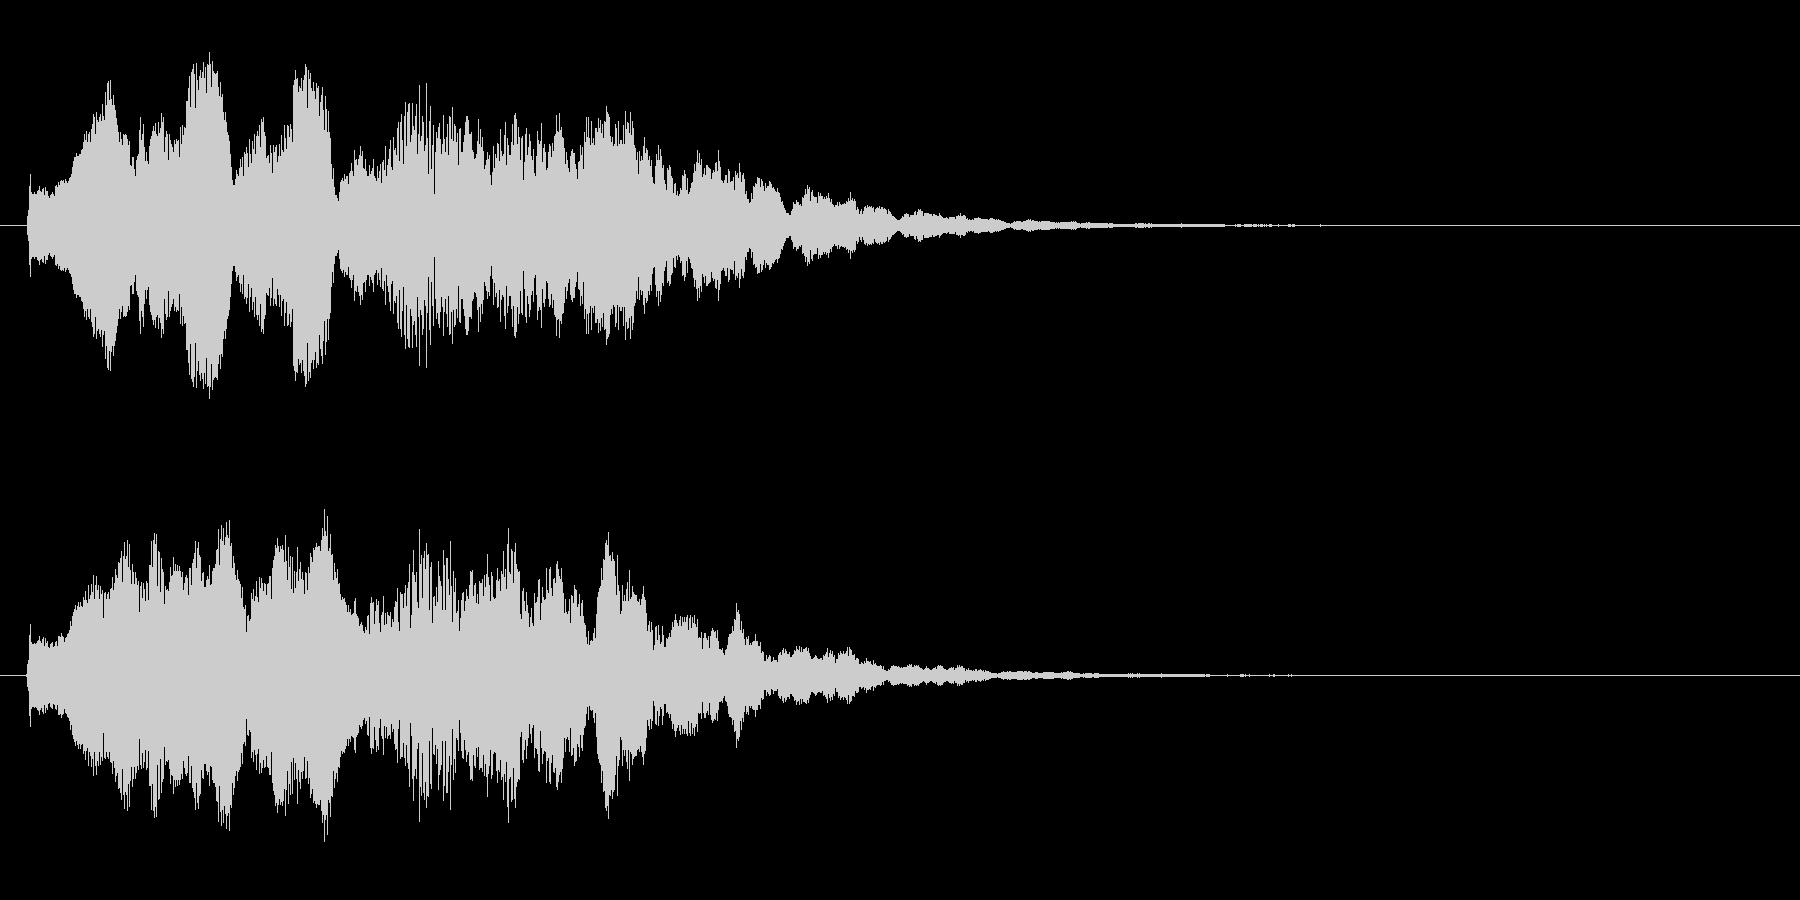 オリジナルの効果音の未再生の波形